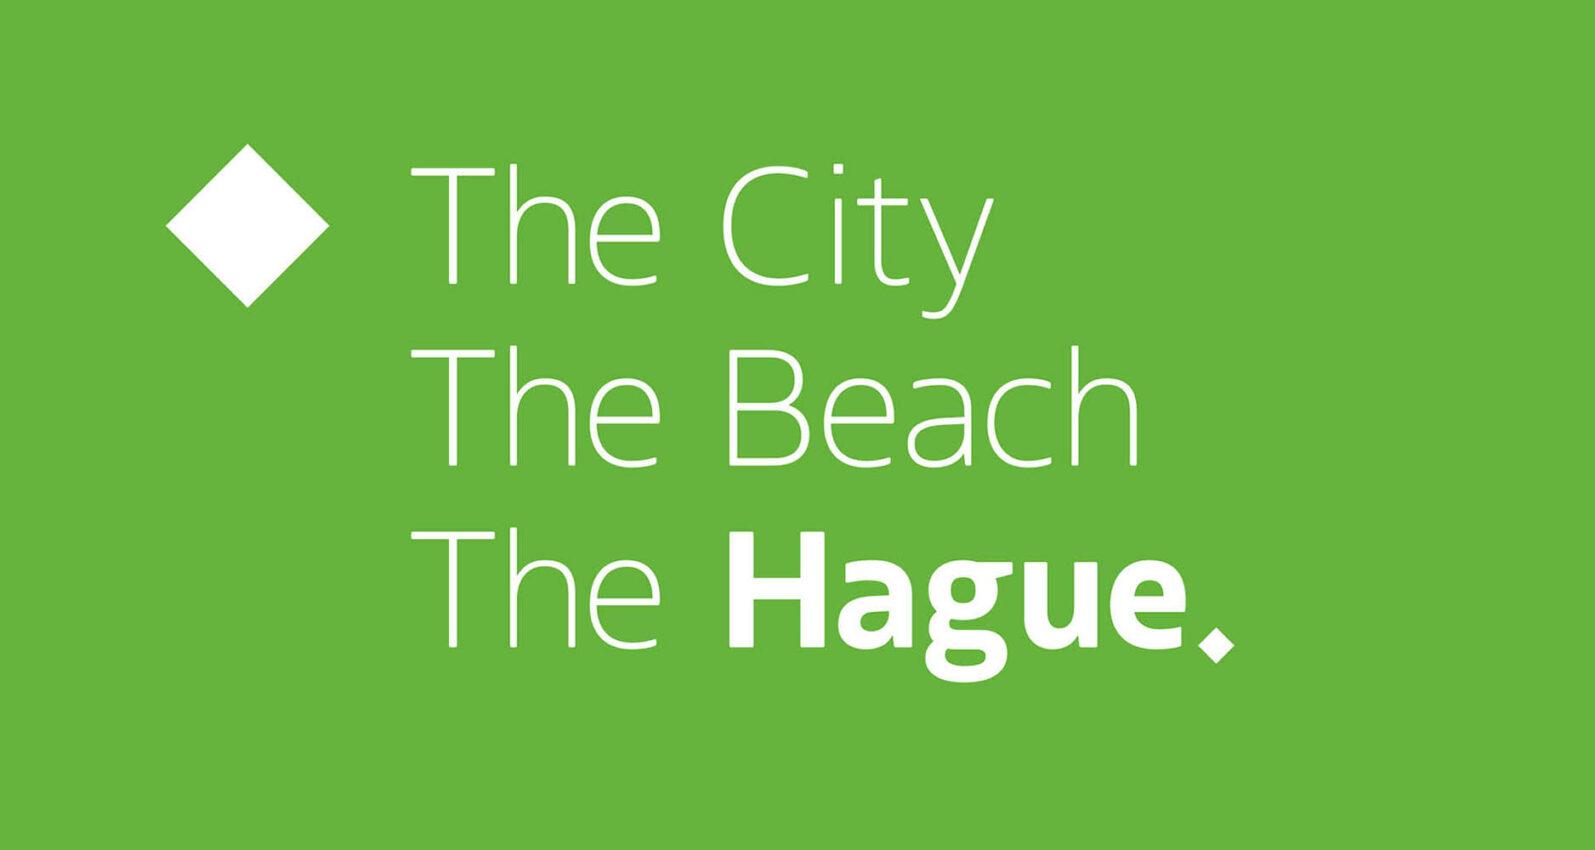 The Hague Marketing logo